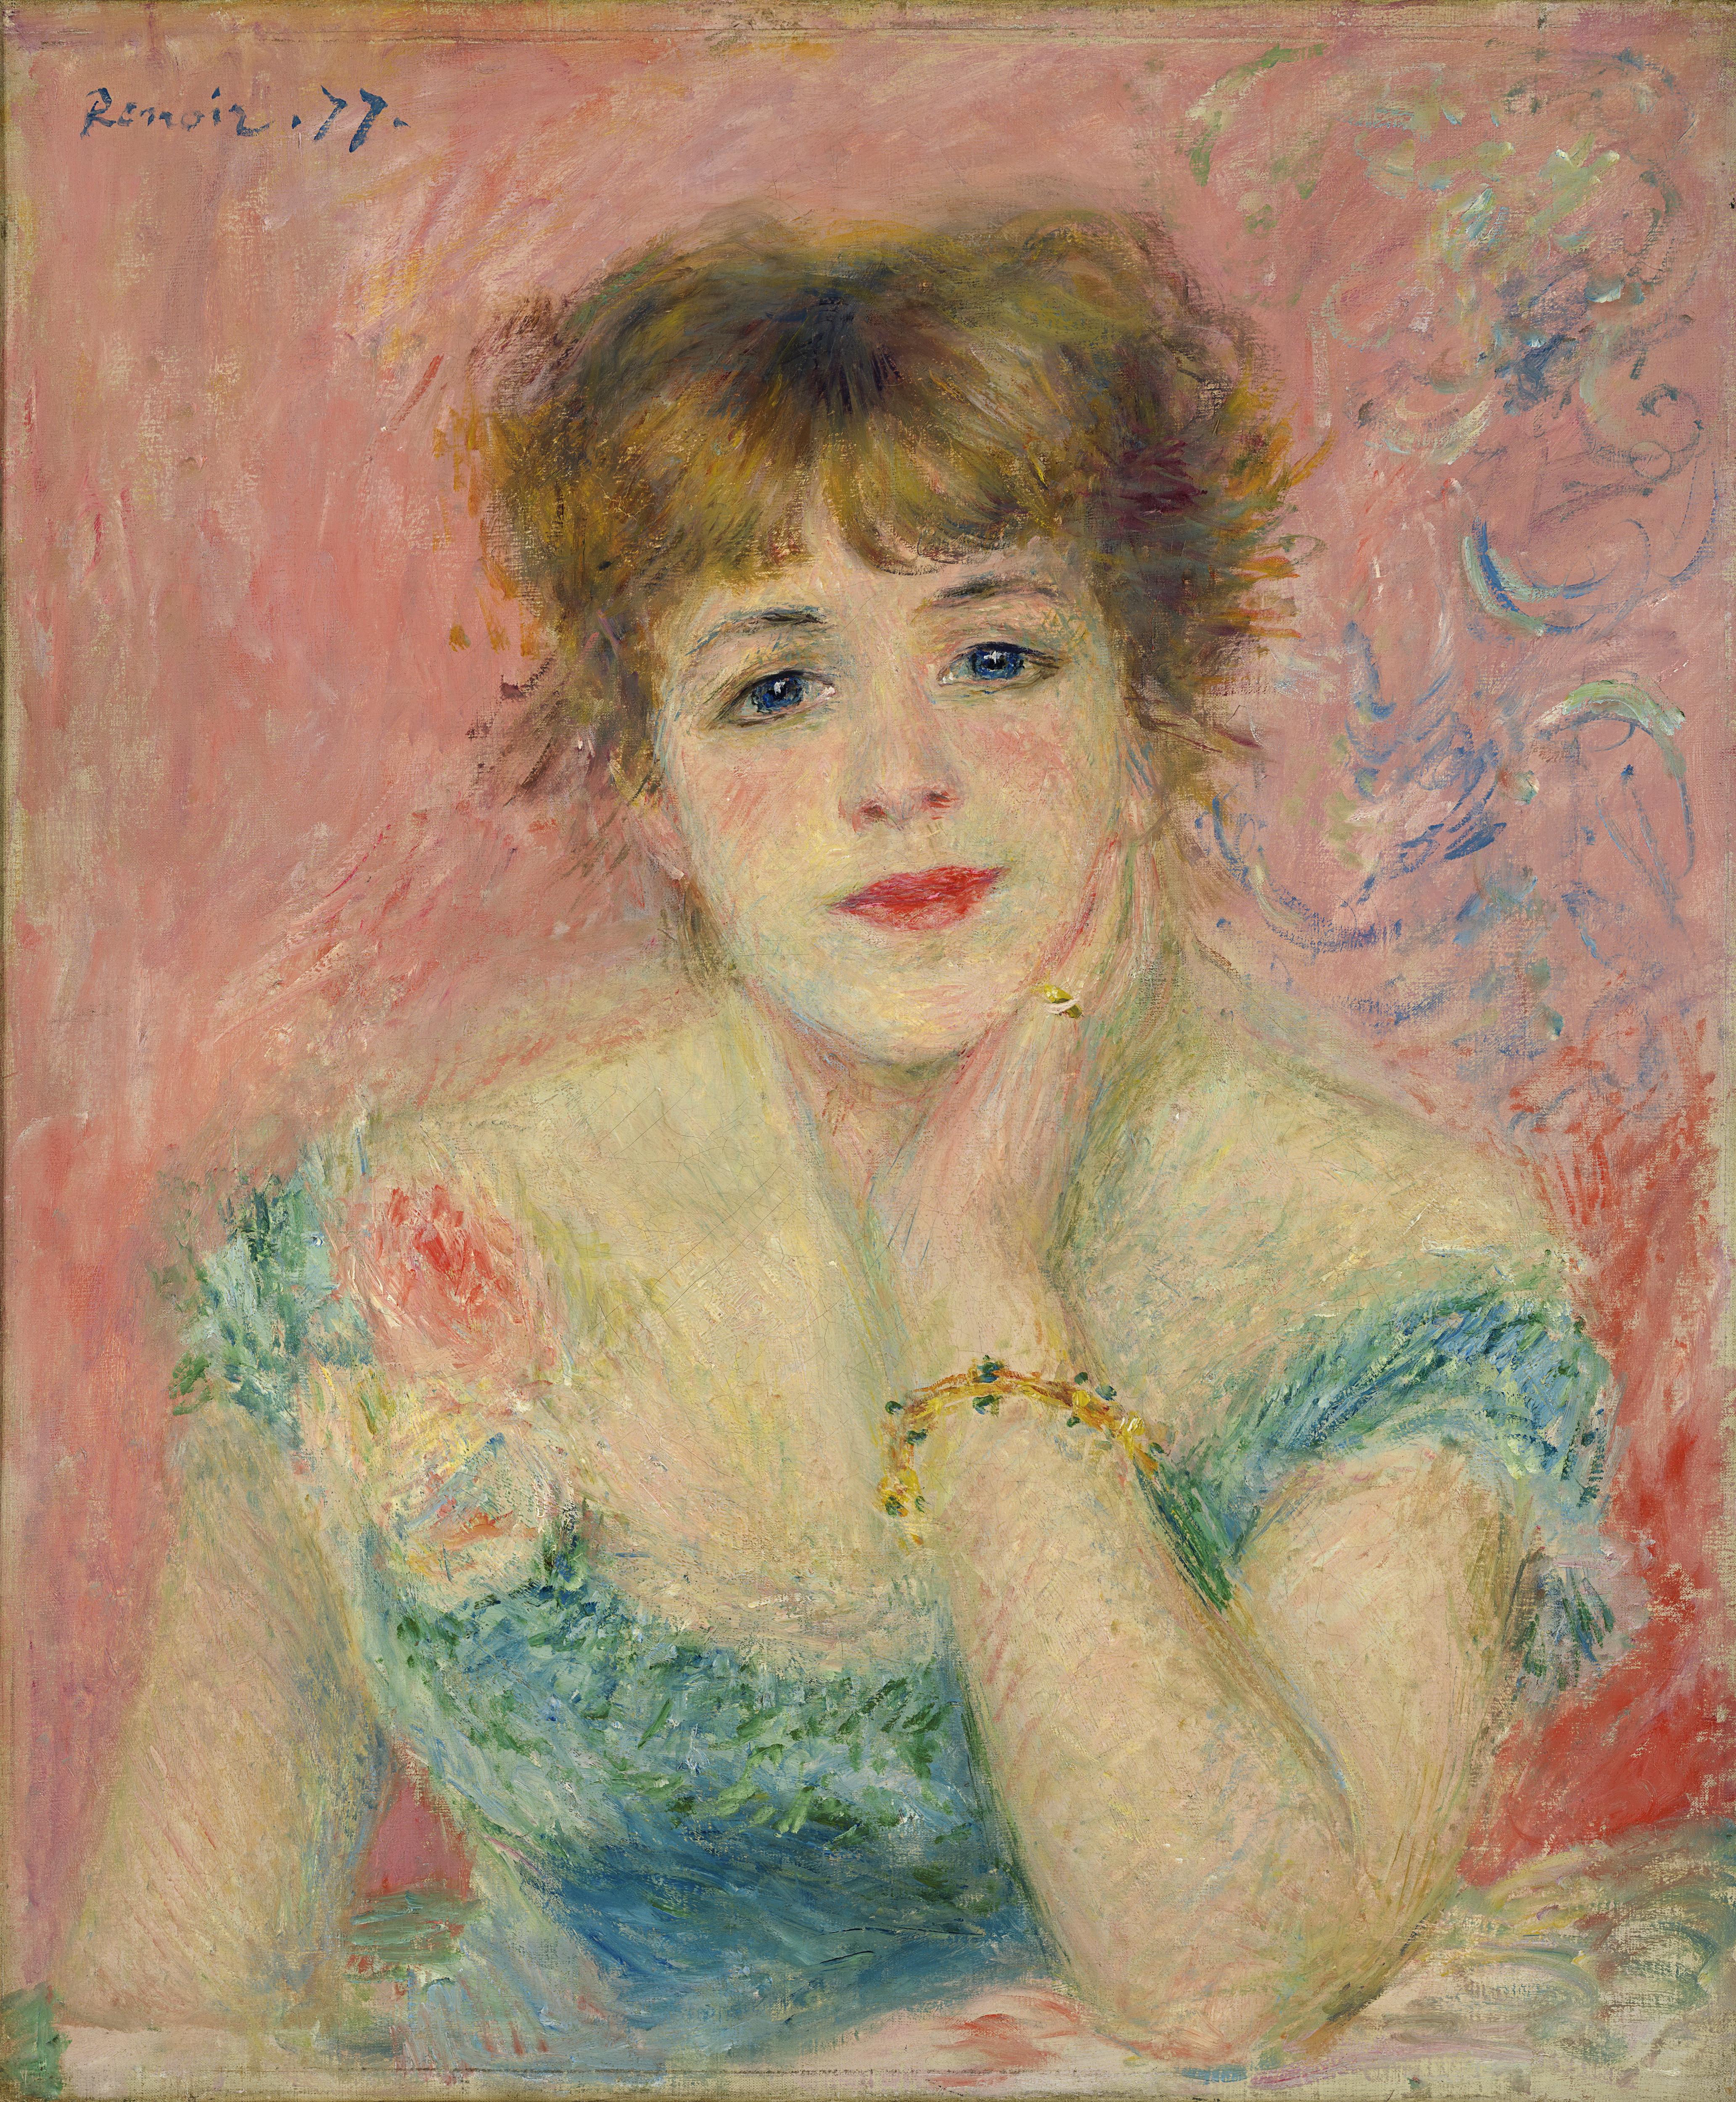 Portrait de Jeanne Samary ou La Rêverie. Jean-Auguste Renoir. Huile sur toile, 56 × 47  cm, 1877. Musée des beaux-arts Pouchkine, Moscou (ancienne collection Morozov) © Musée des beaux-arts Pouchkine